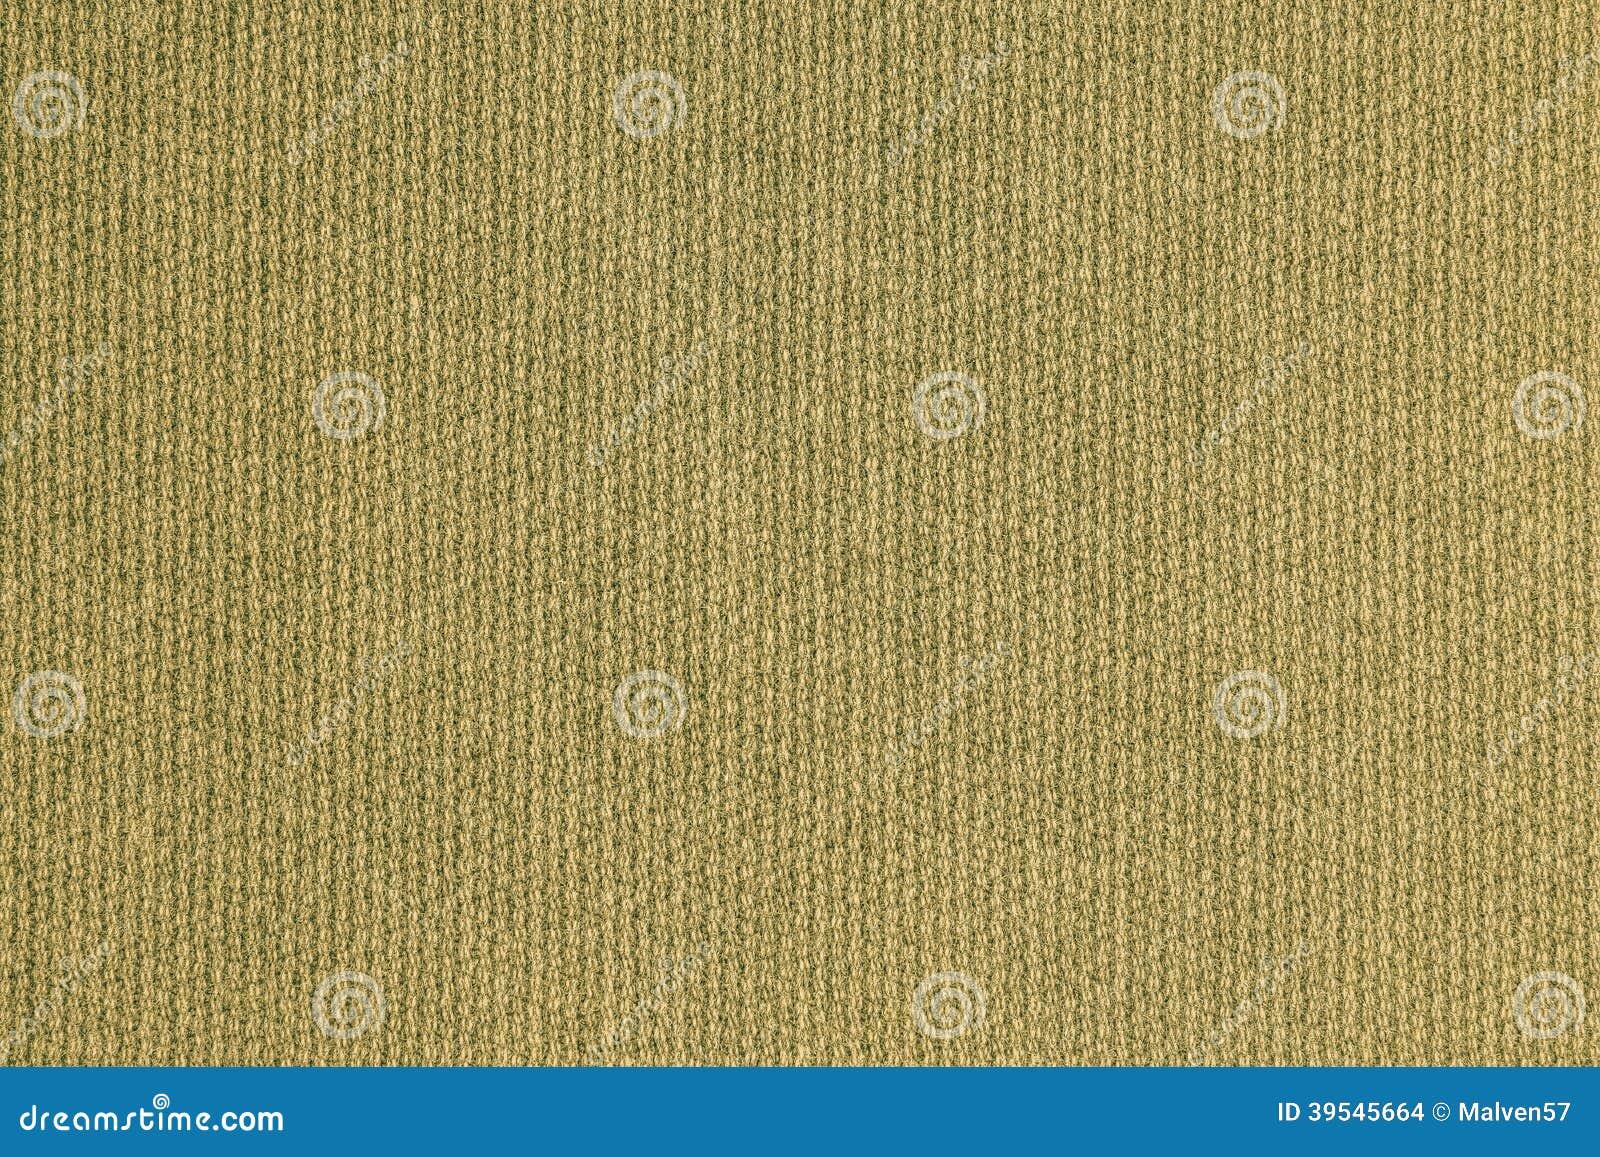 Gebreide wollen stof van grijze gele kleur stock foto afbeelding 39545664 - Grijze kleur donkerder ...